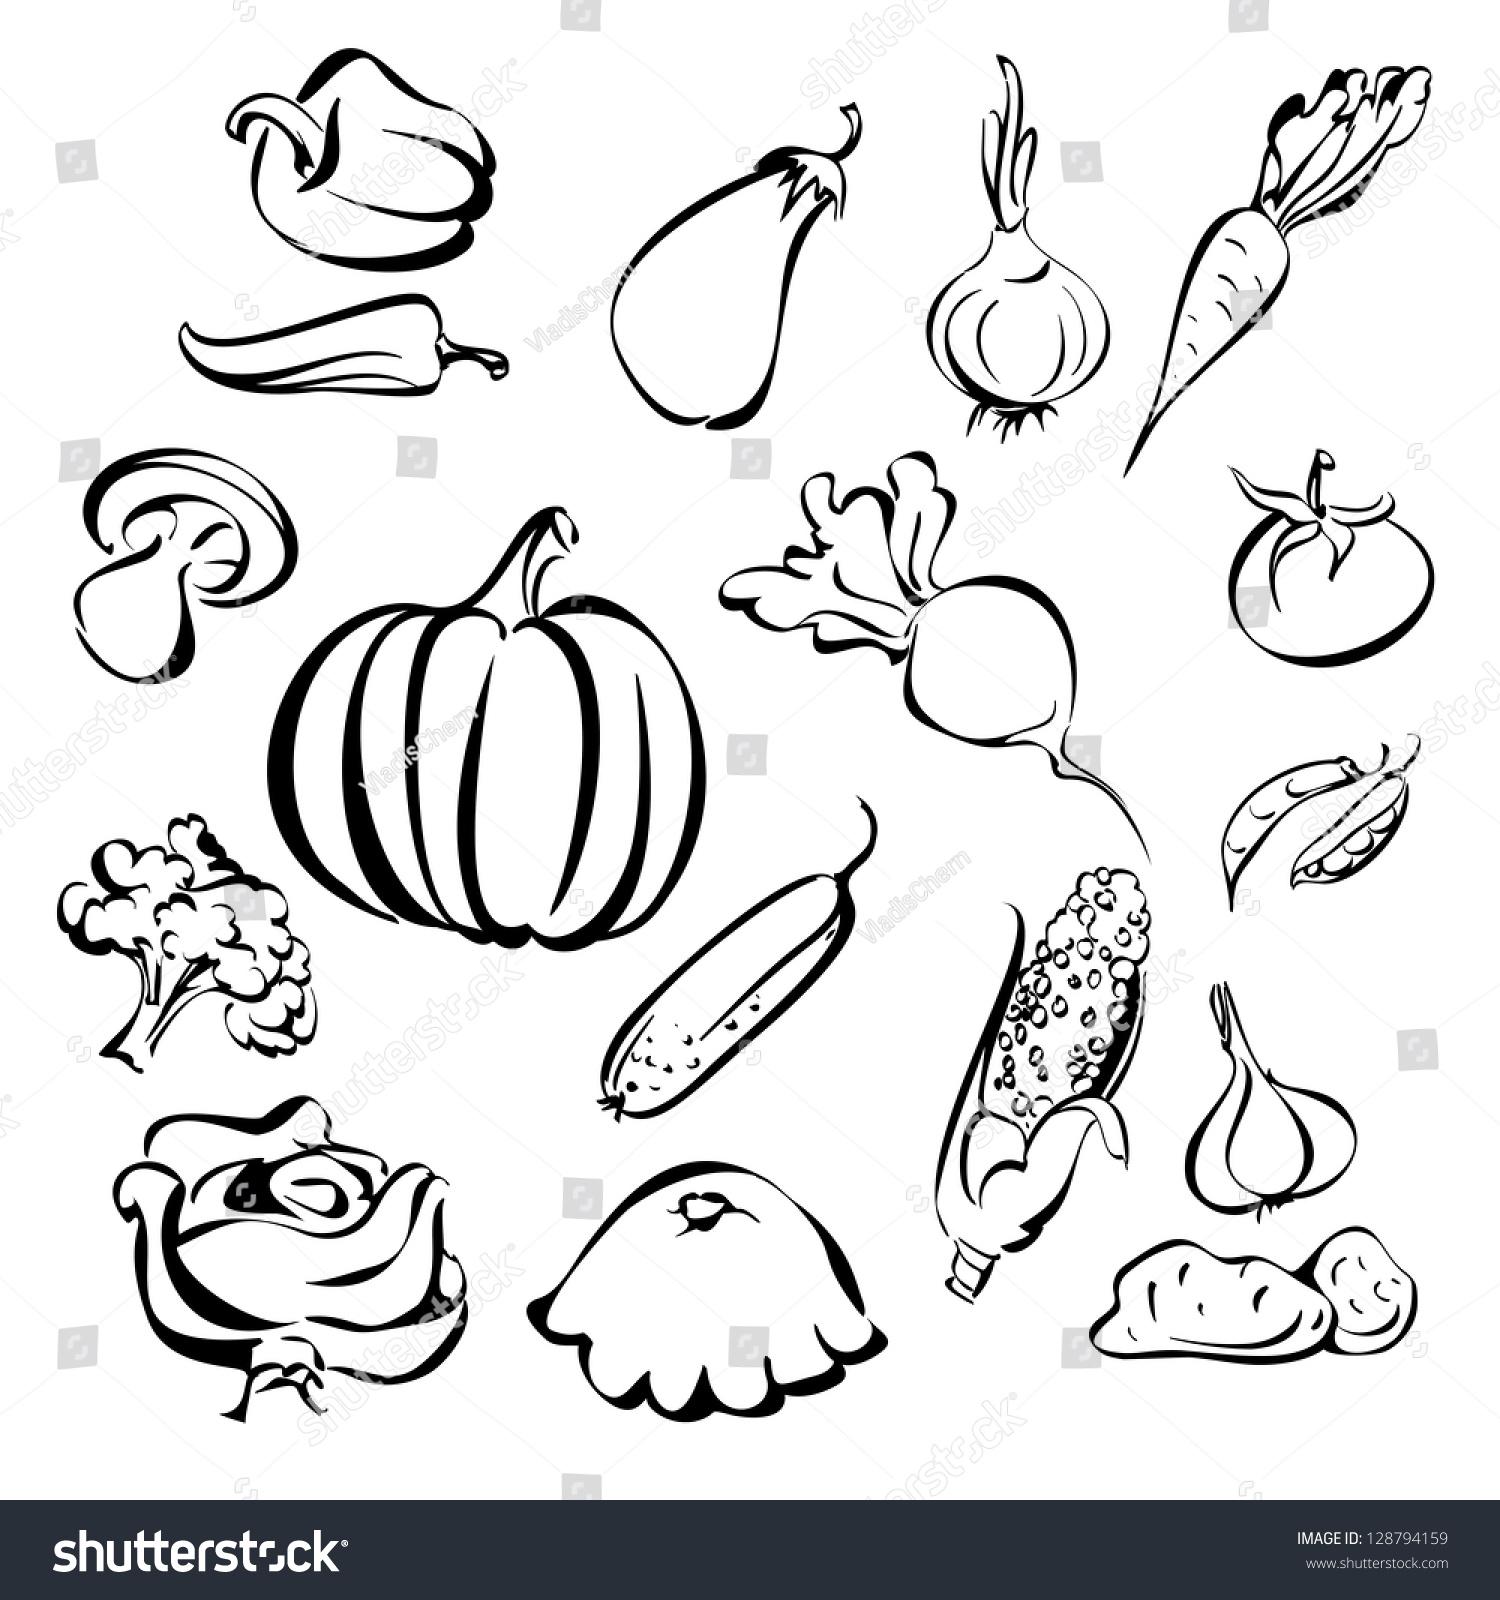 蔬菜图标设置素描矢量插图-食品及饮料